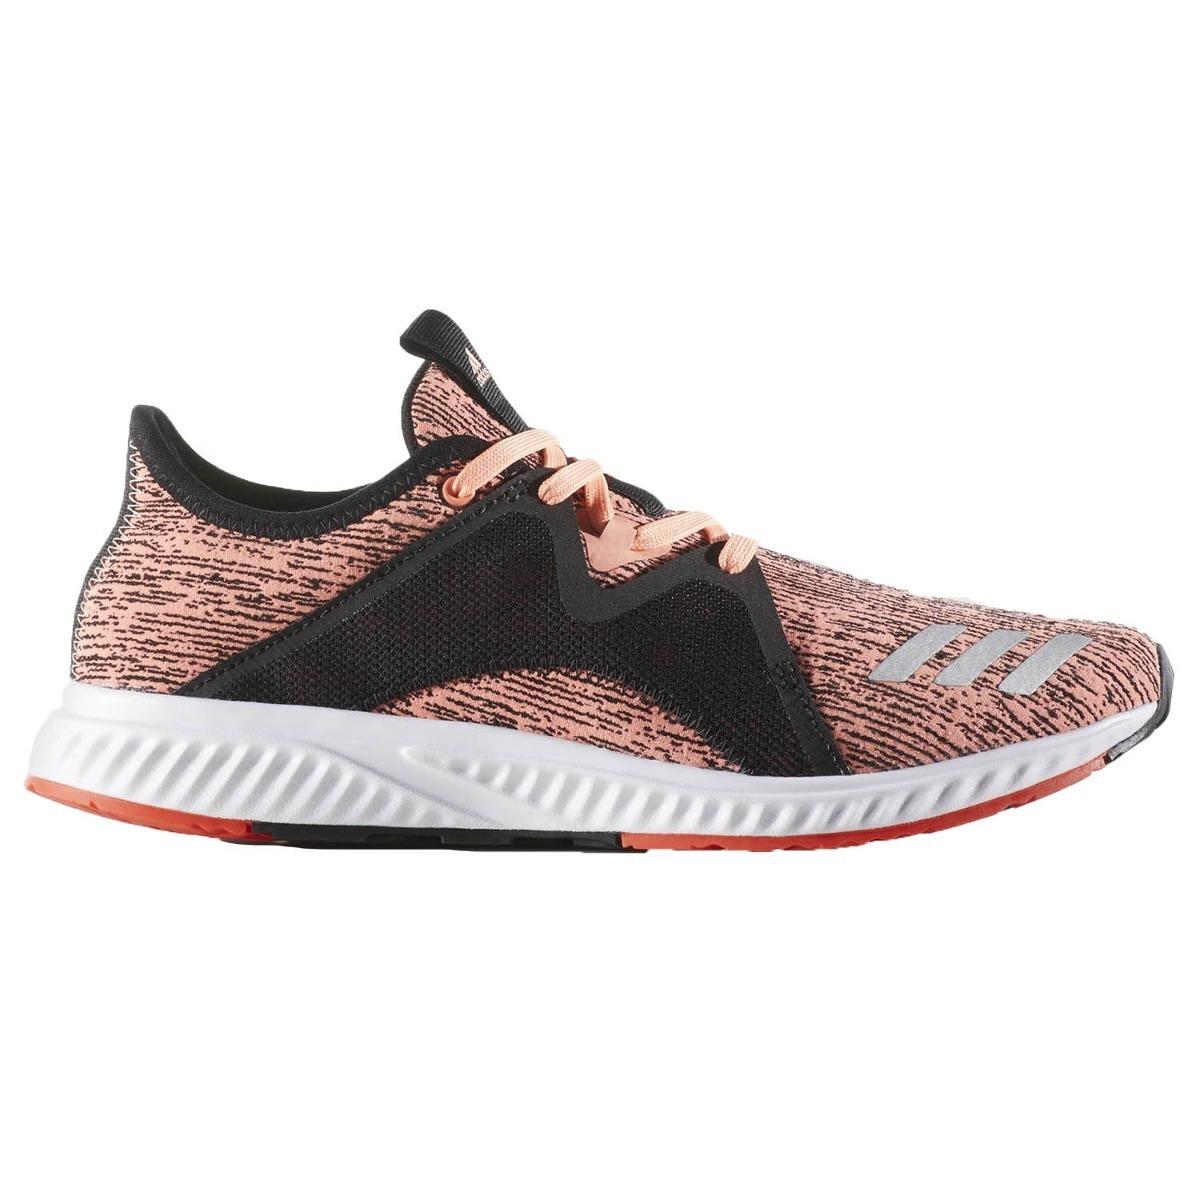 newest 7192f abaab zapatillas running mujer adidas edge lux w  brand sport. Cargando zoom.